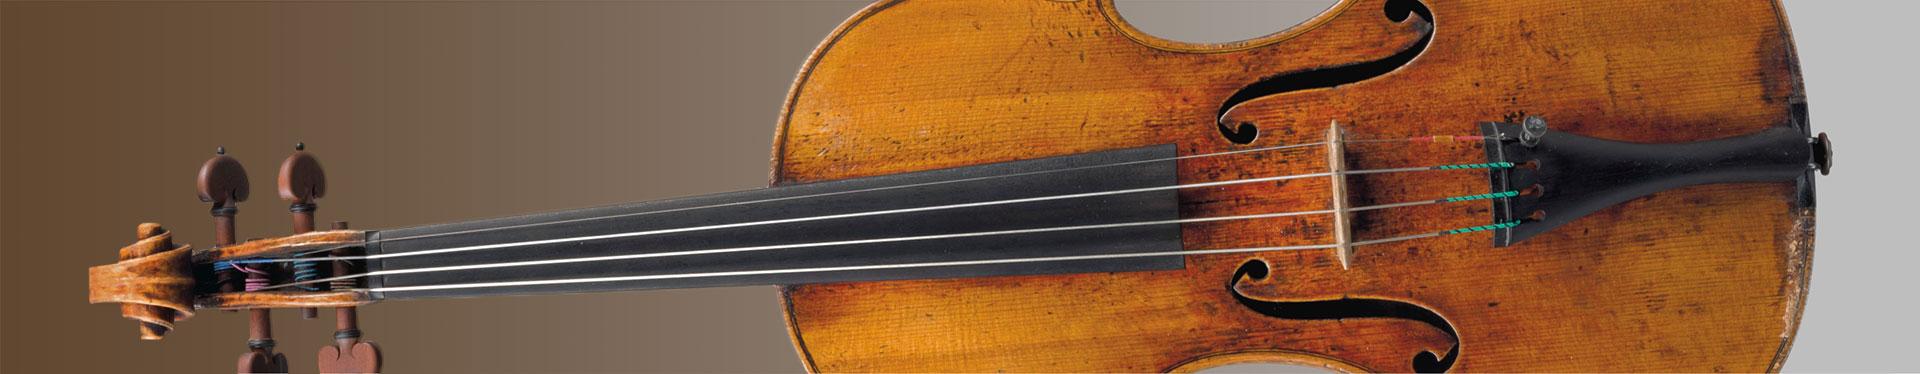 musical-instruments-banner-FINAL_42_1_20170124151011.jpg